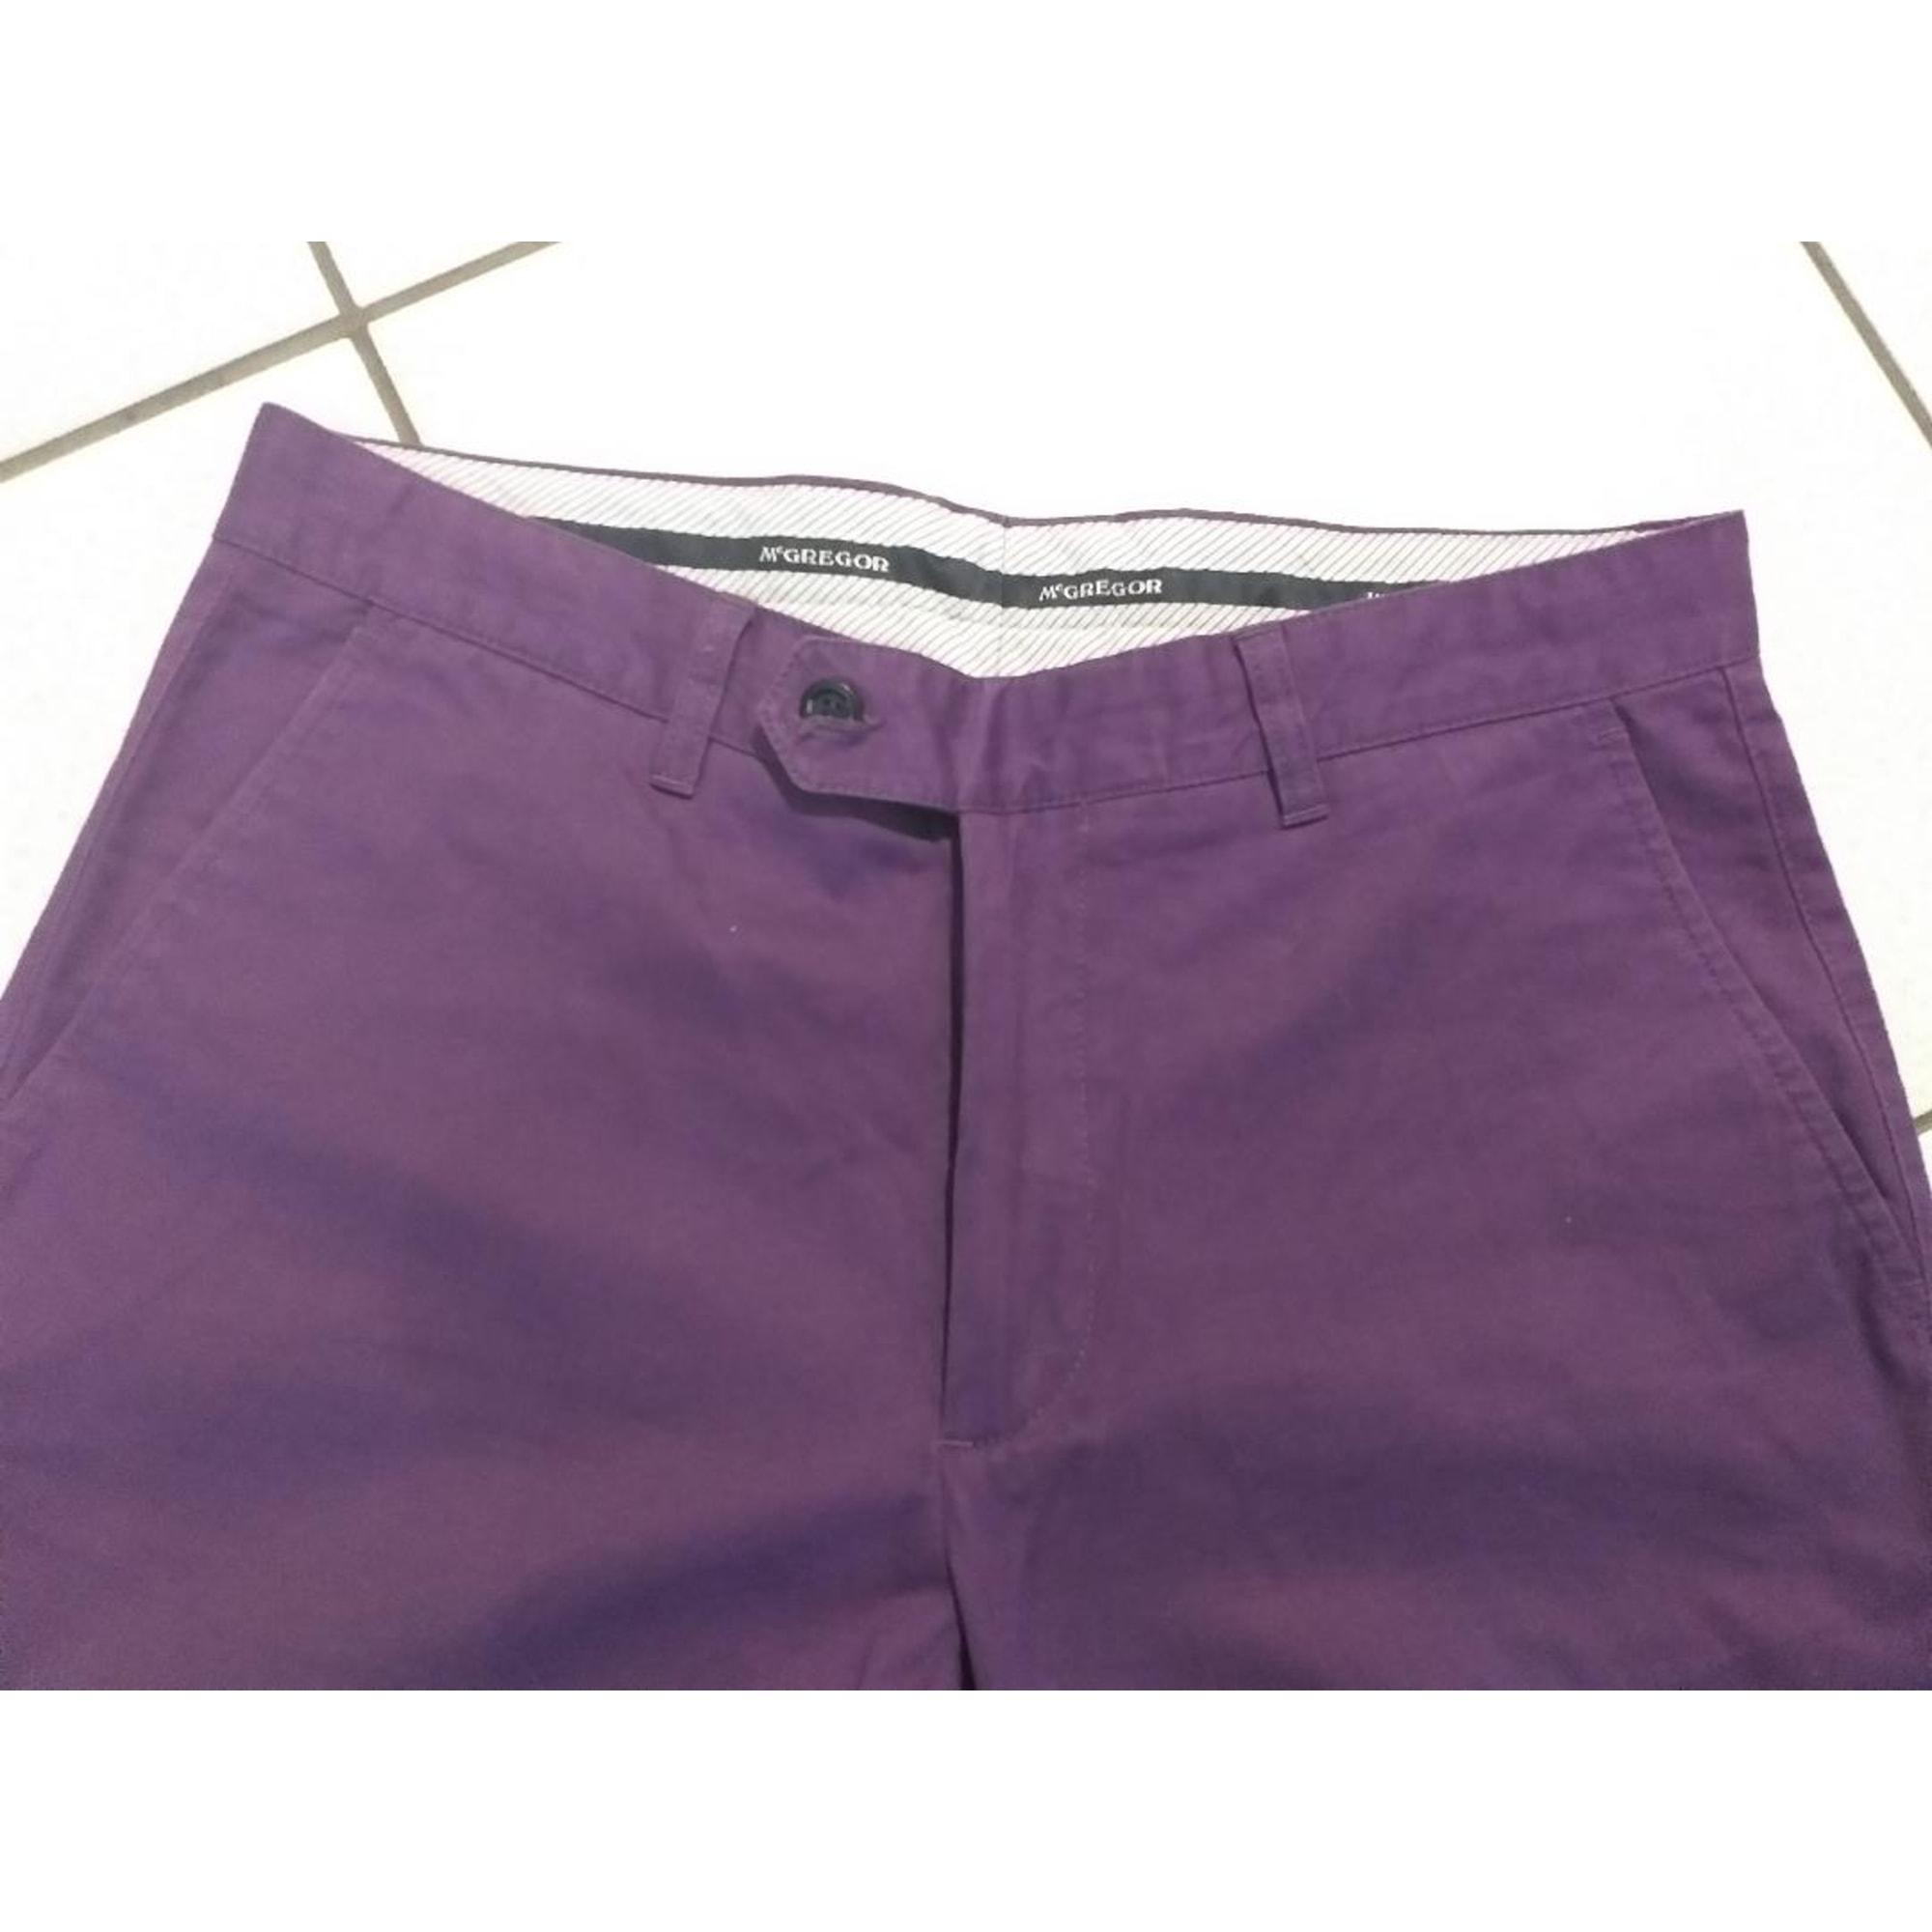 Pantalon droit MC GREGOR Violet, mauve, lavande